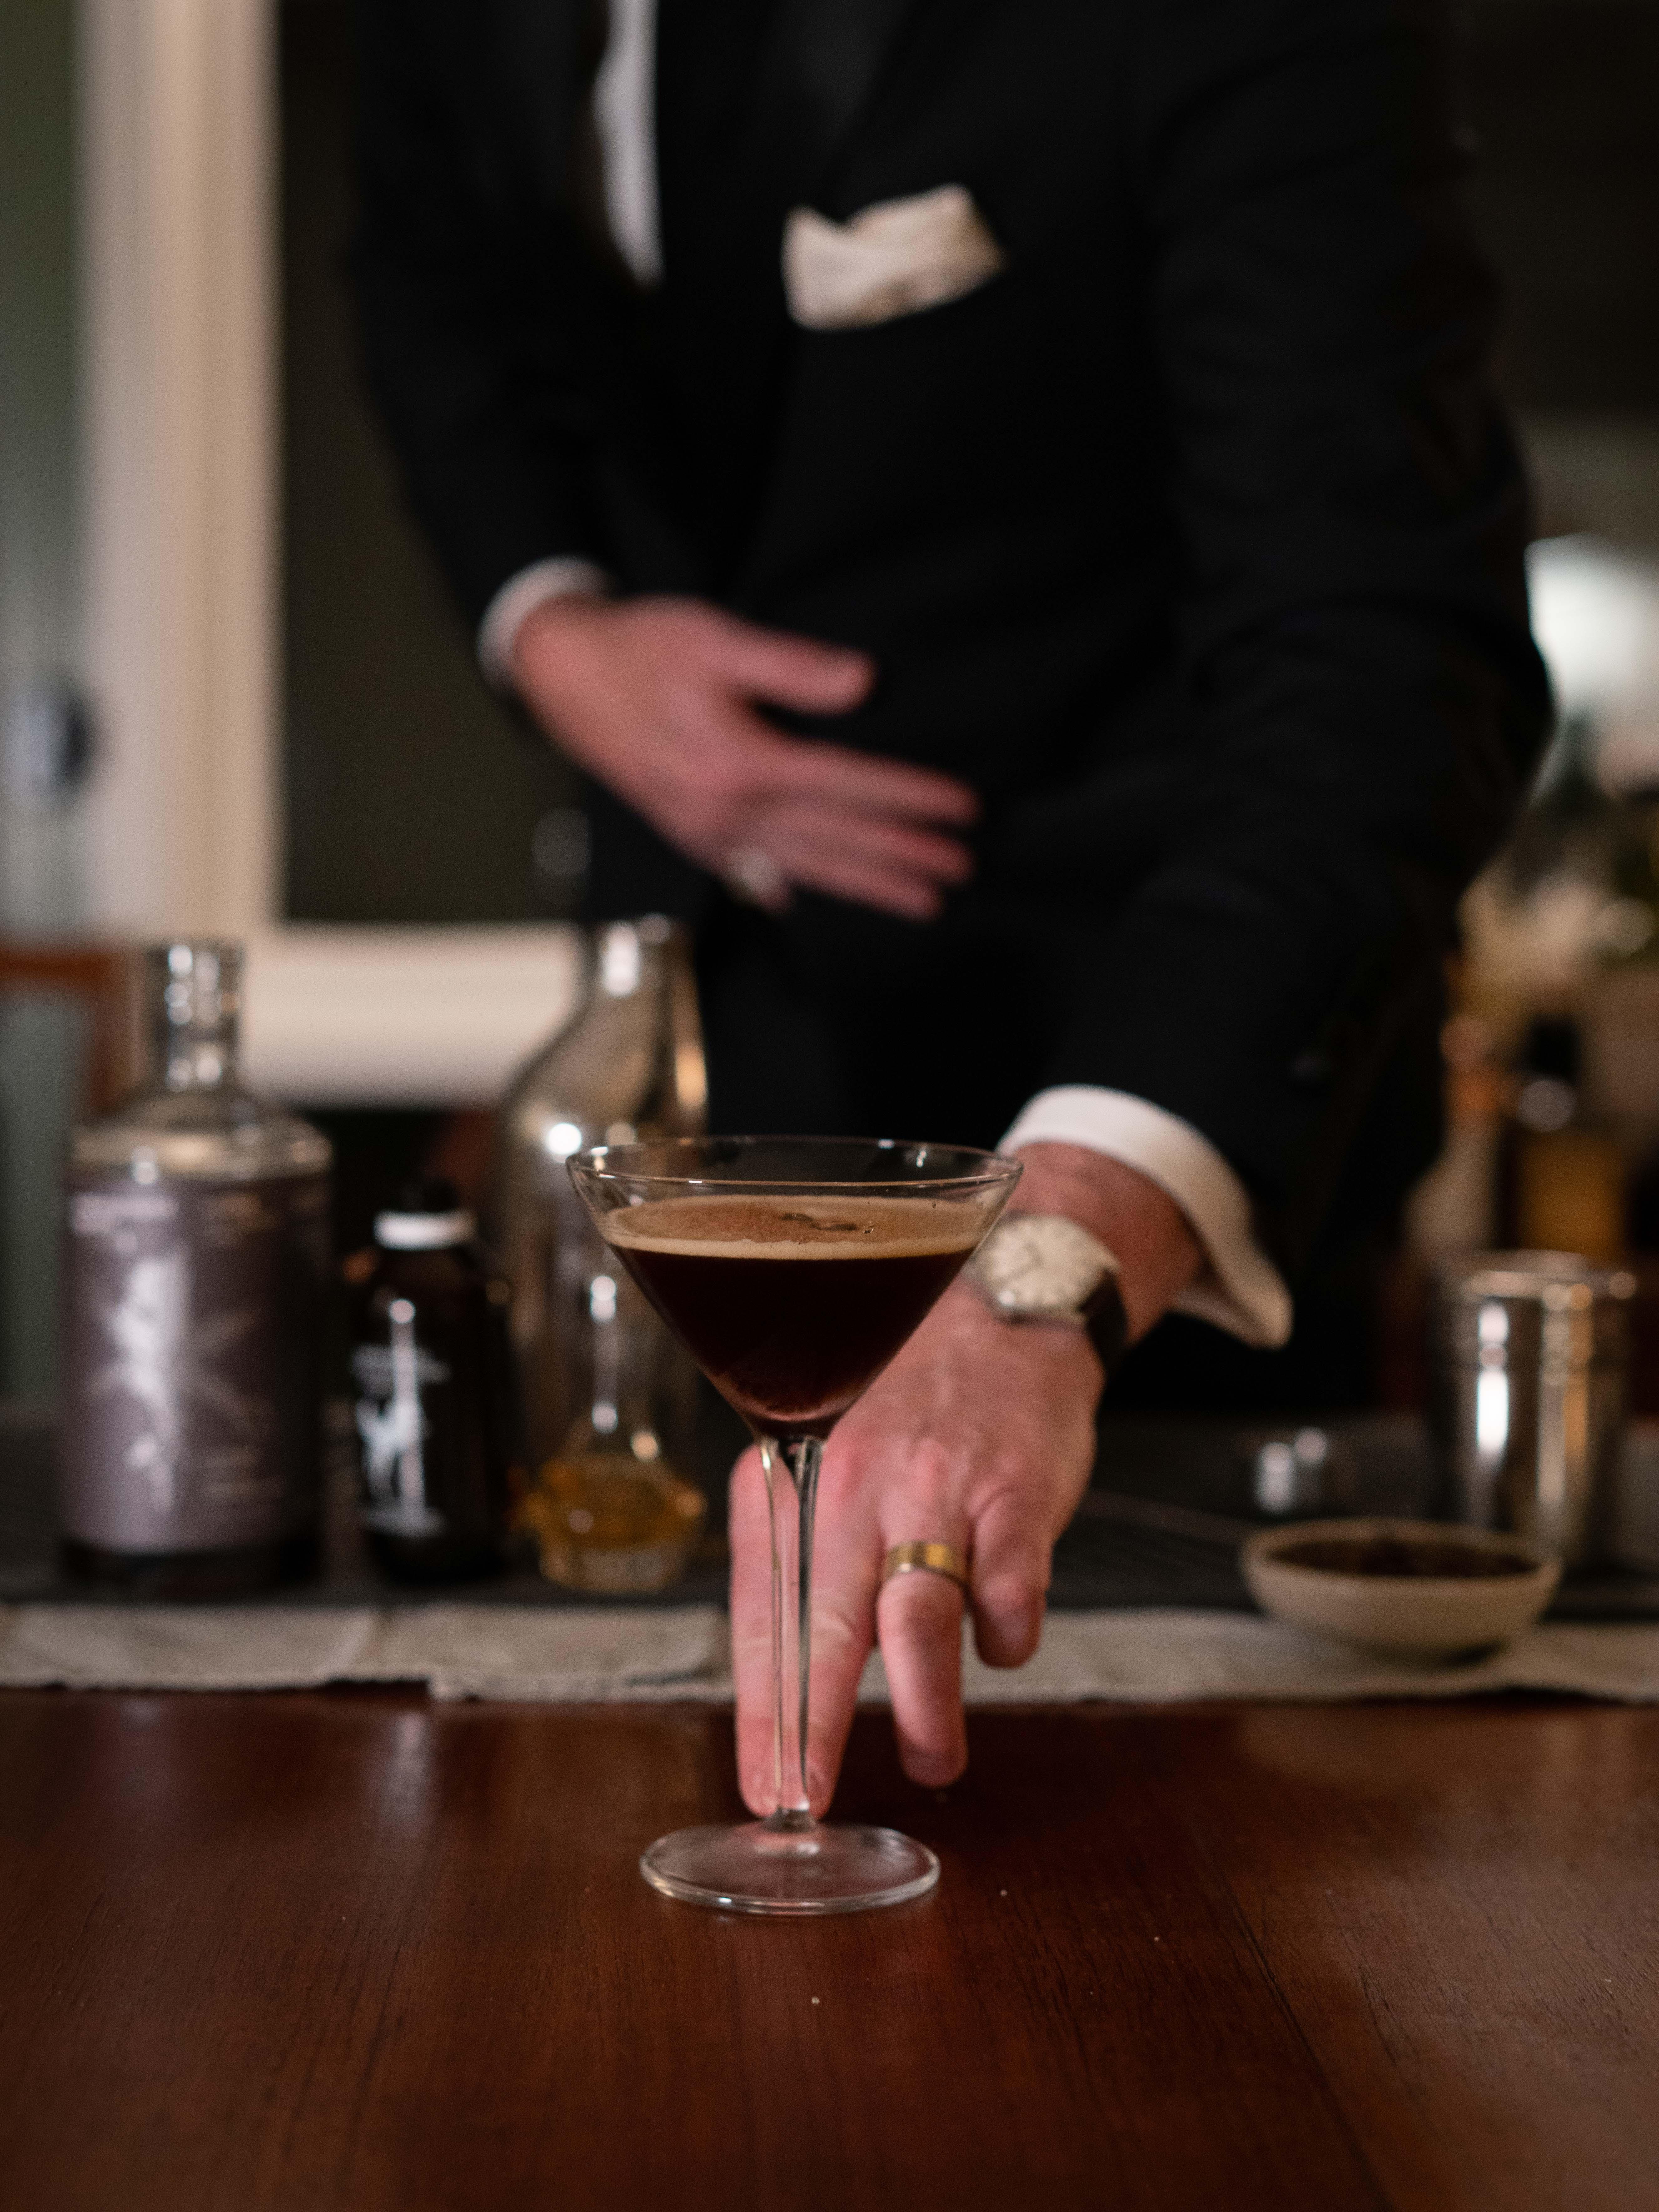 The Espresso Martini The Martini Whisperer